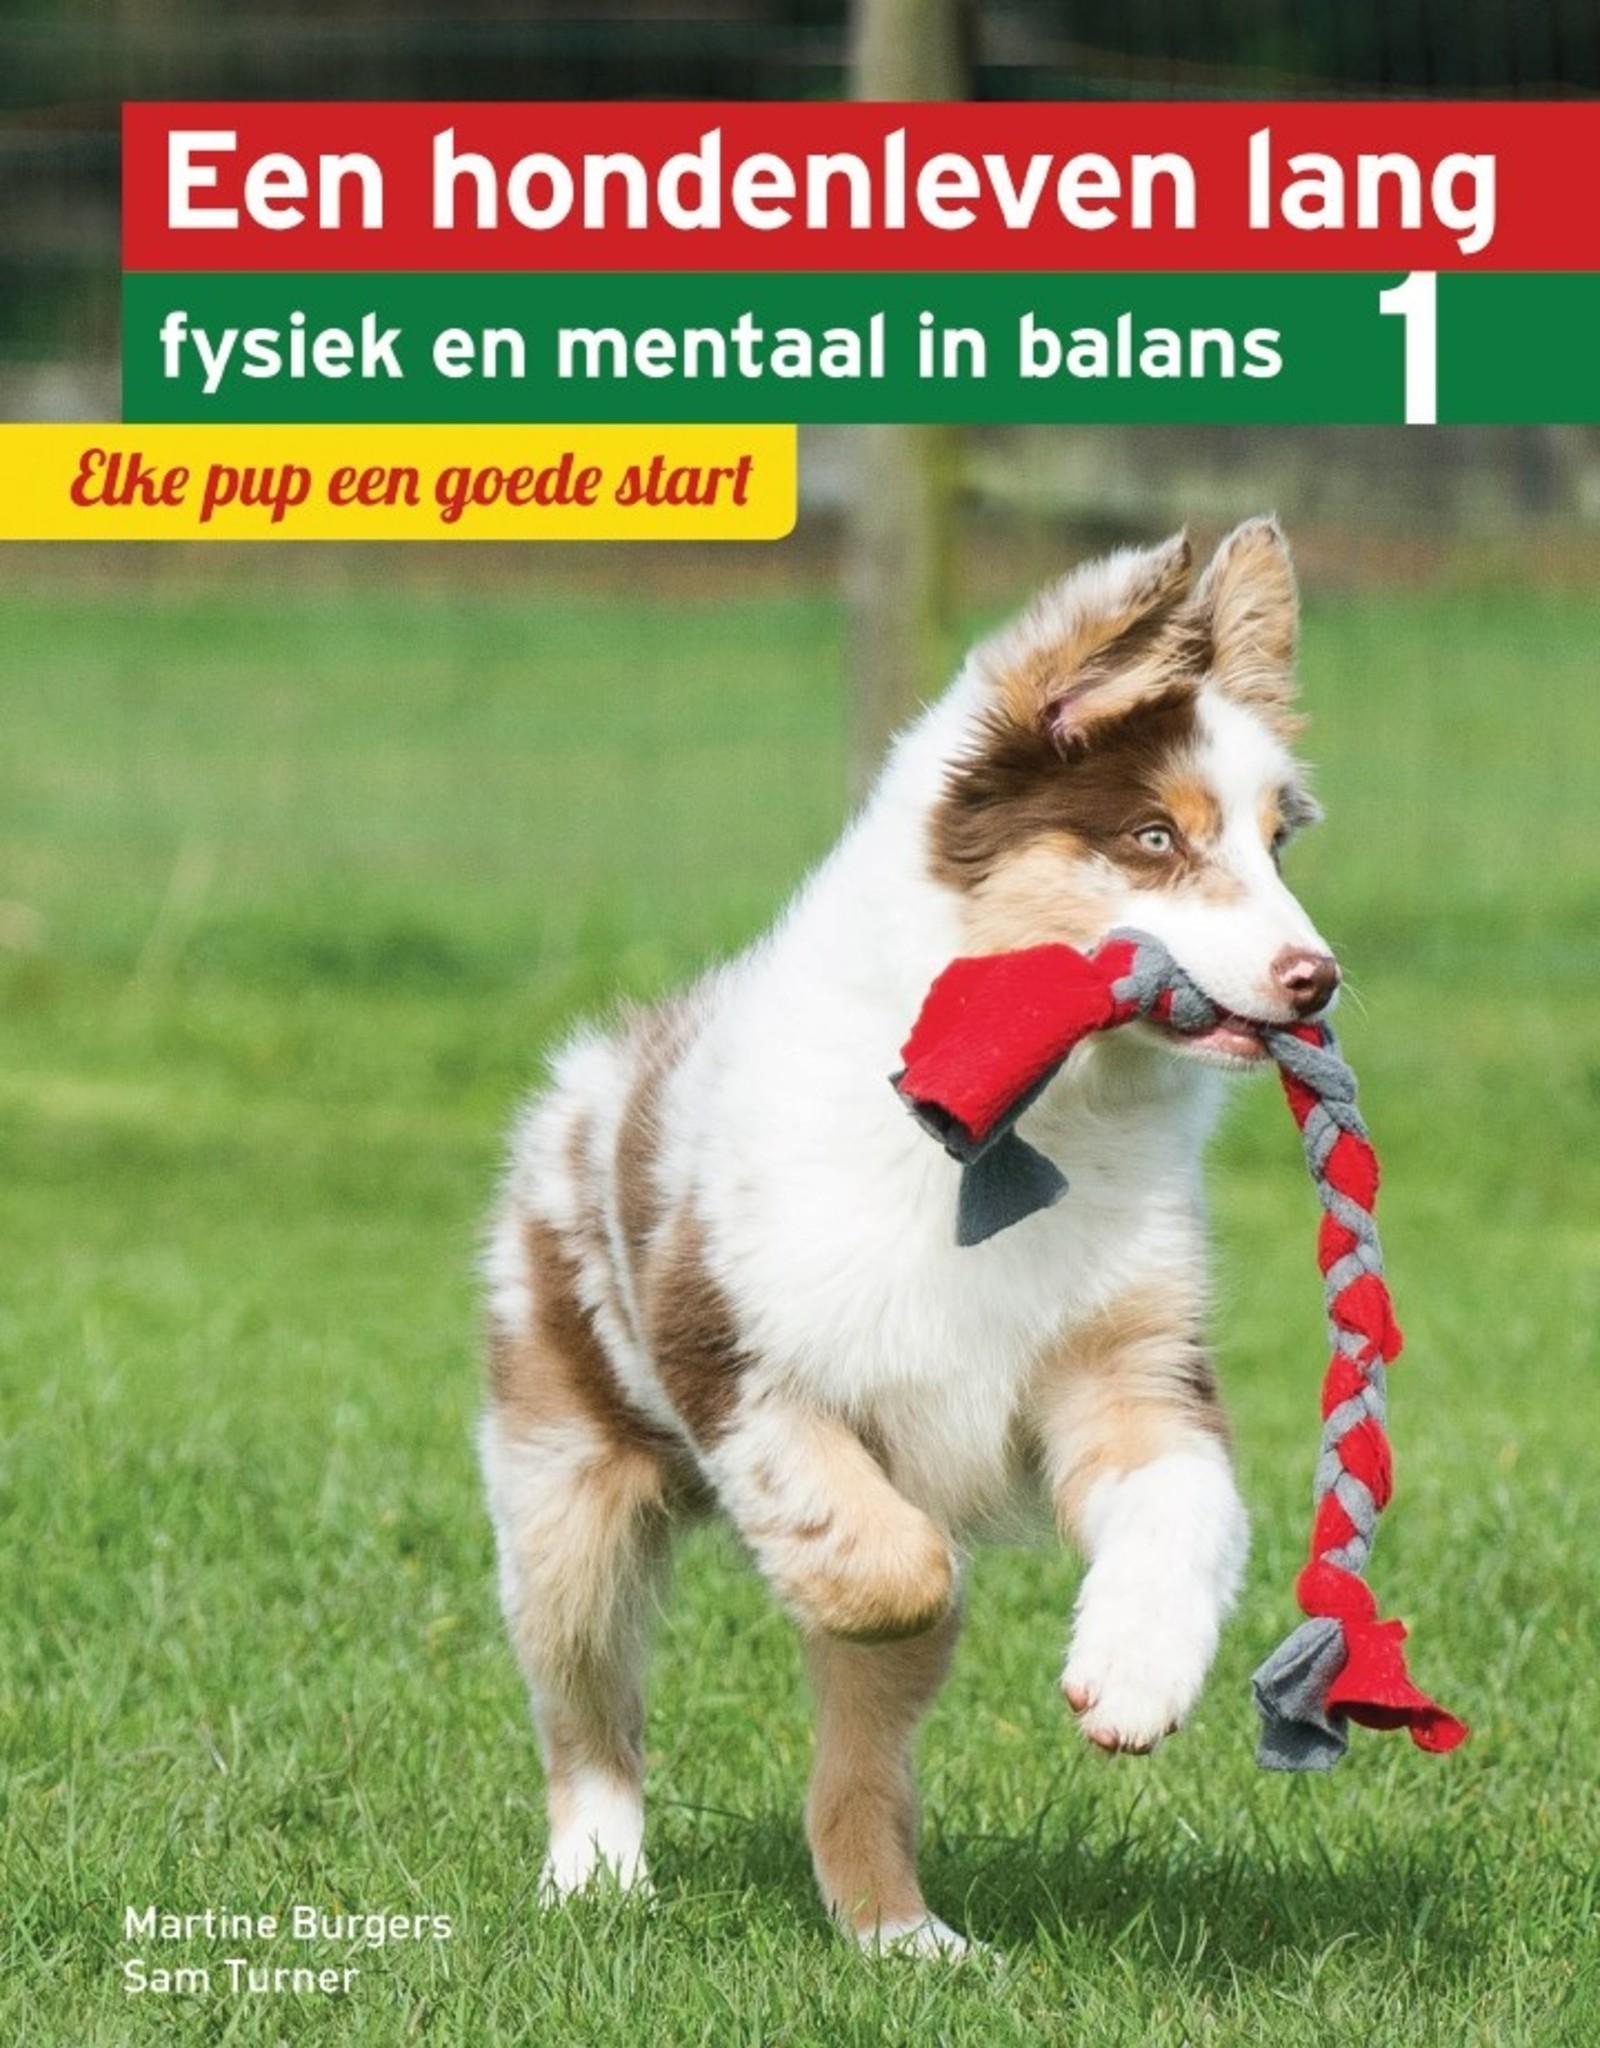 Een hondenleven lang fysiek en mentaal in balans Deel 1: Elke pup een goede start